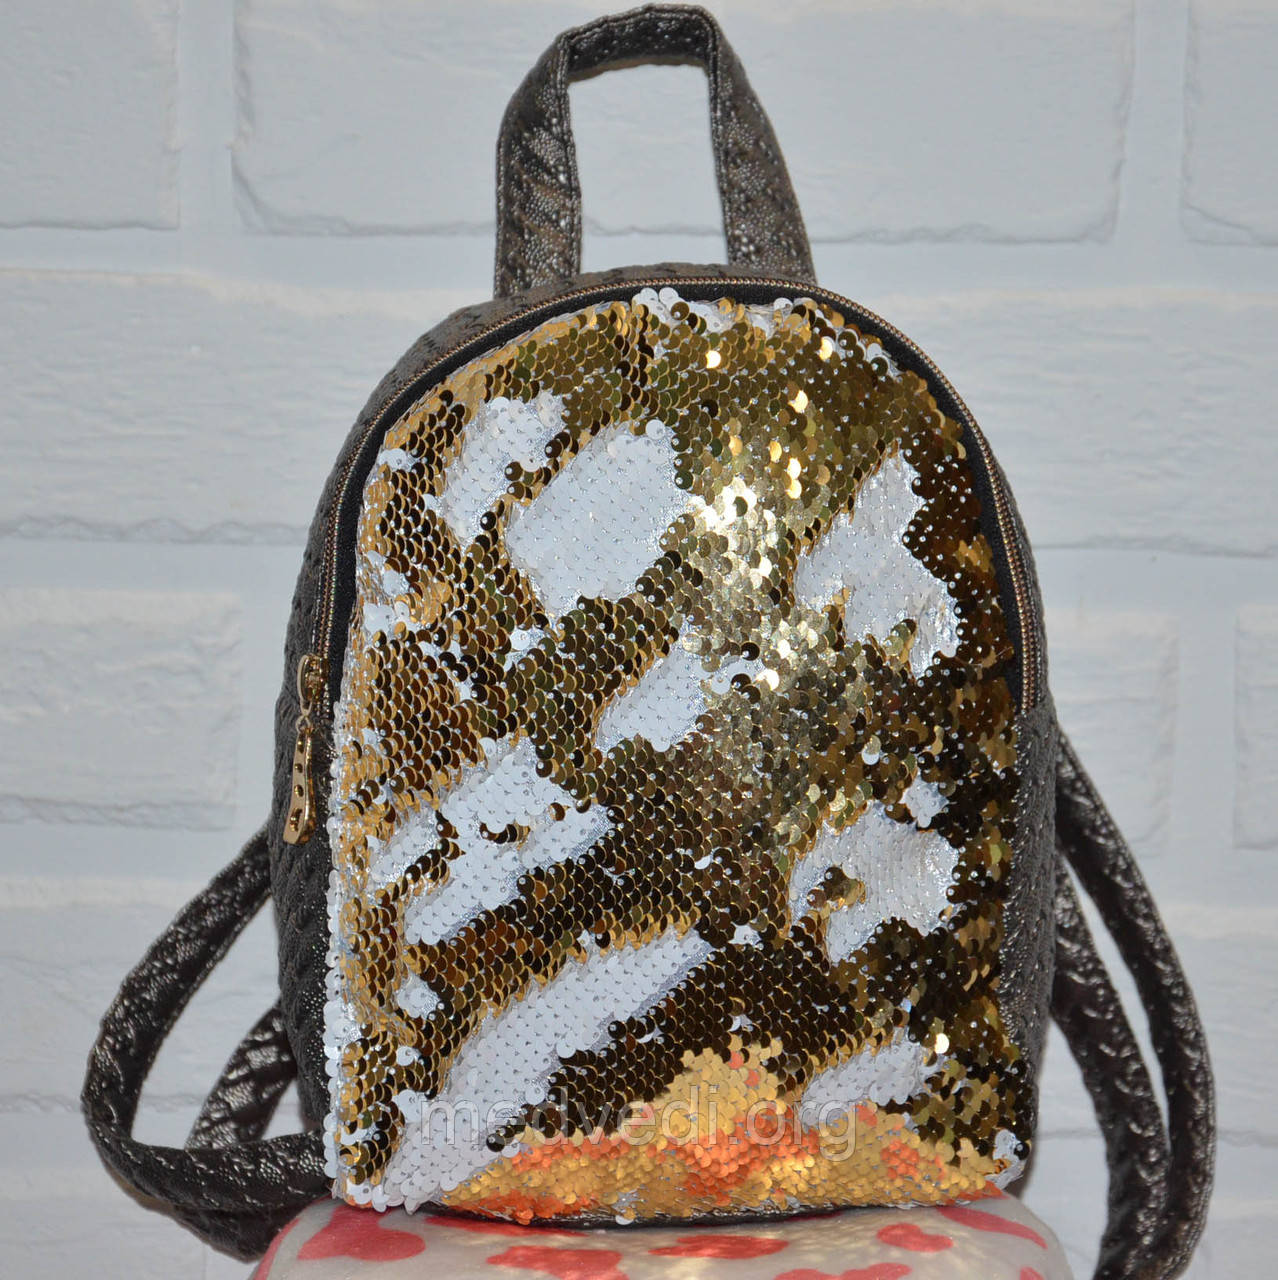 Серый рюкзак с золотыми пайетками двусторонними, женский золотой молодежный рюкзачок черно-белая пайетка